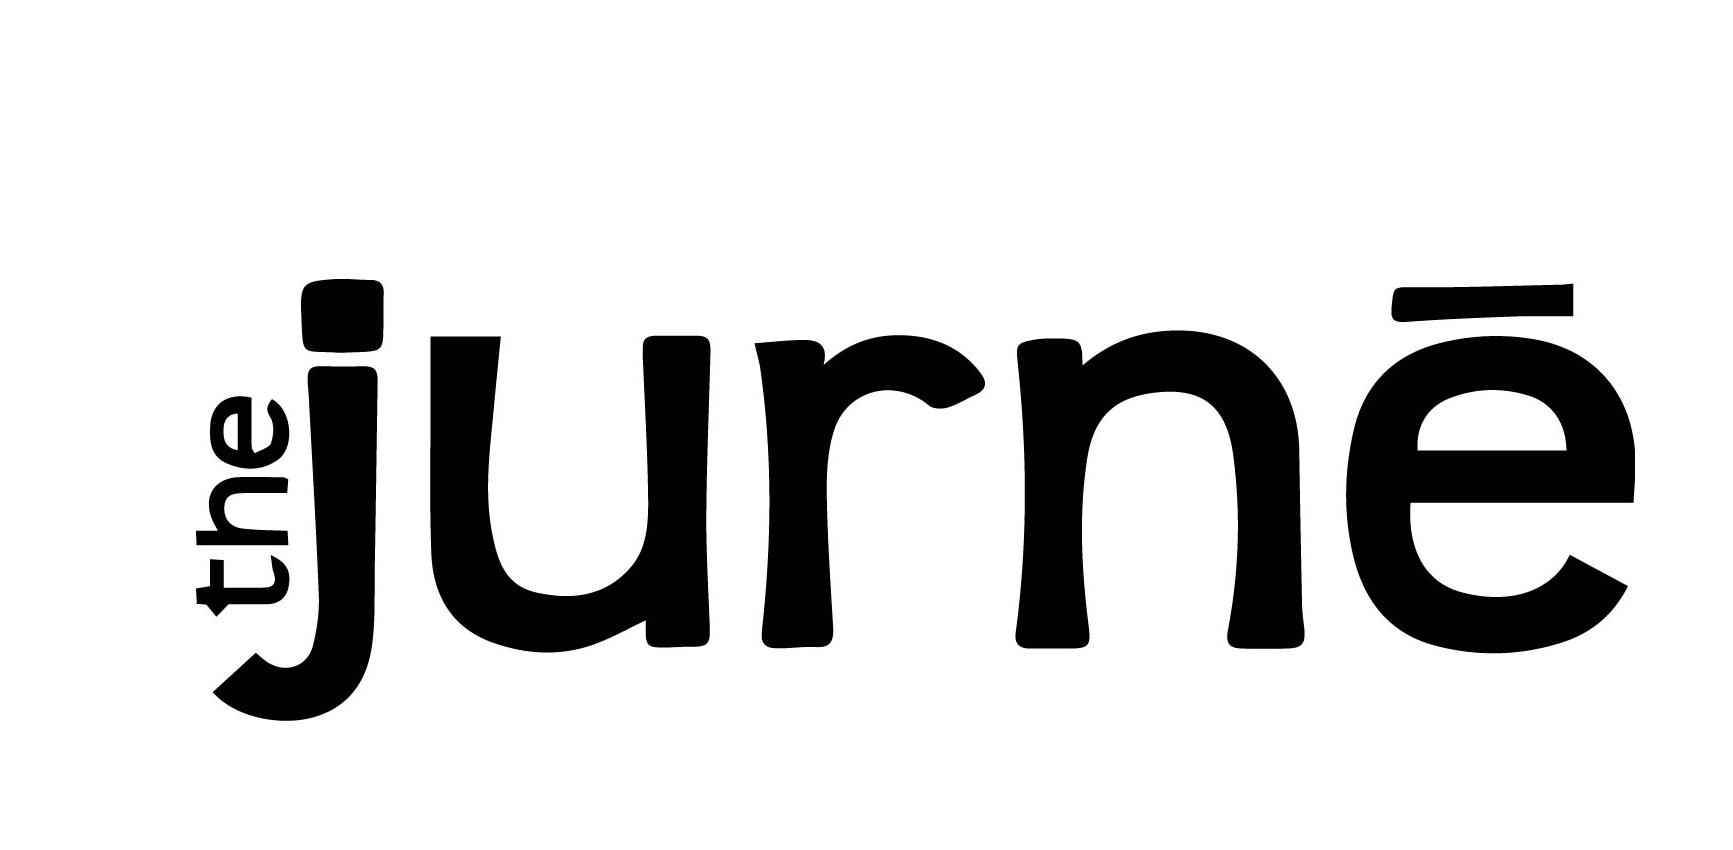 the jurneoutlined.jpg